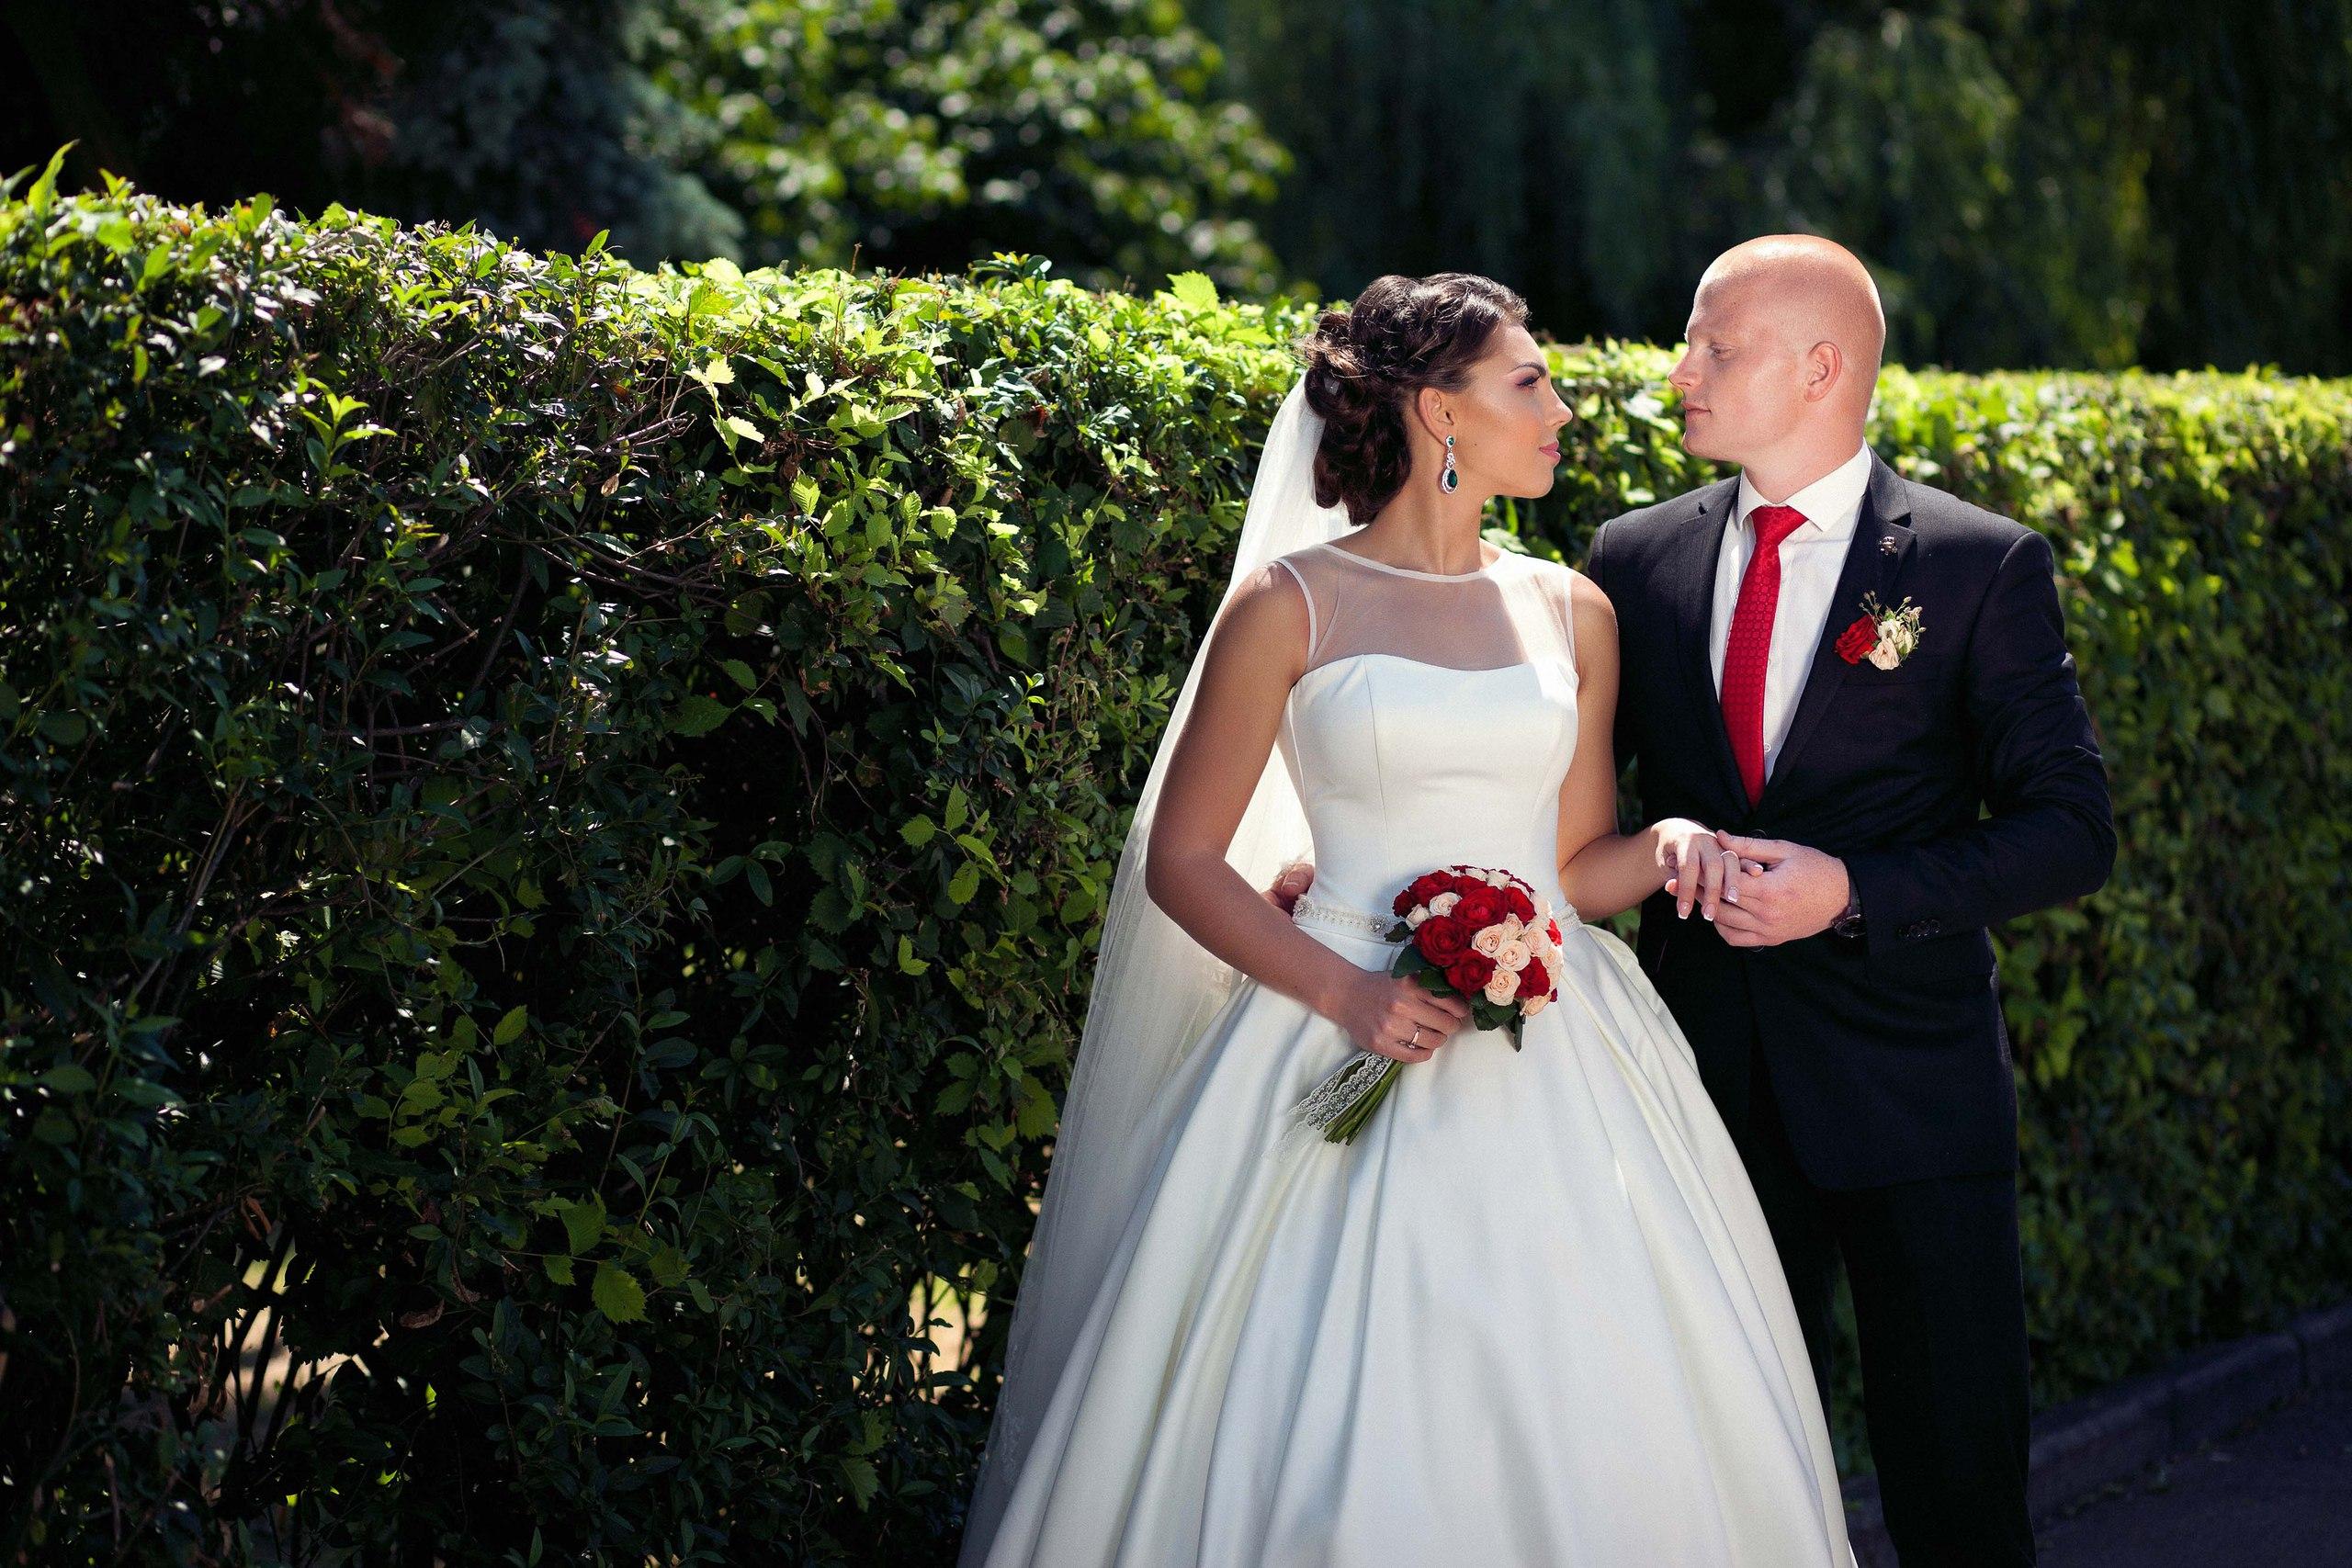 agFTc6jEl2A - Связать узы – традиция на свадьбе